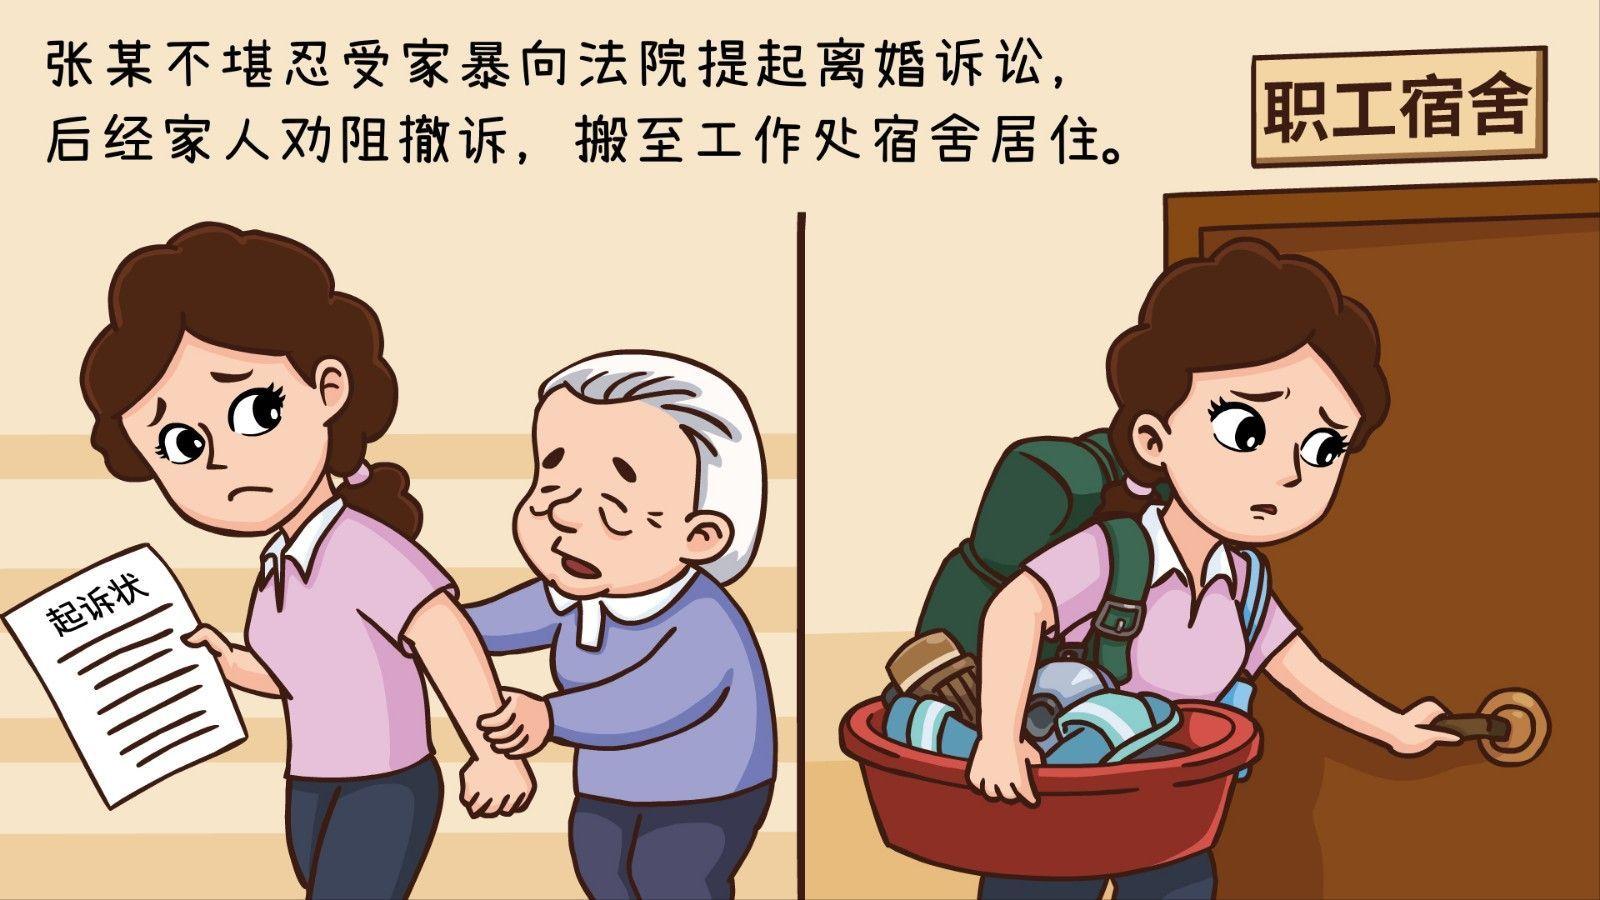 流动人口维权_流动人口婚育证明图片